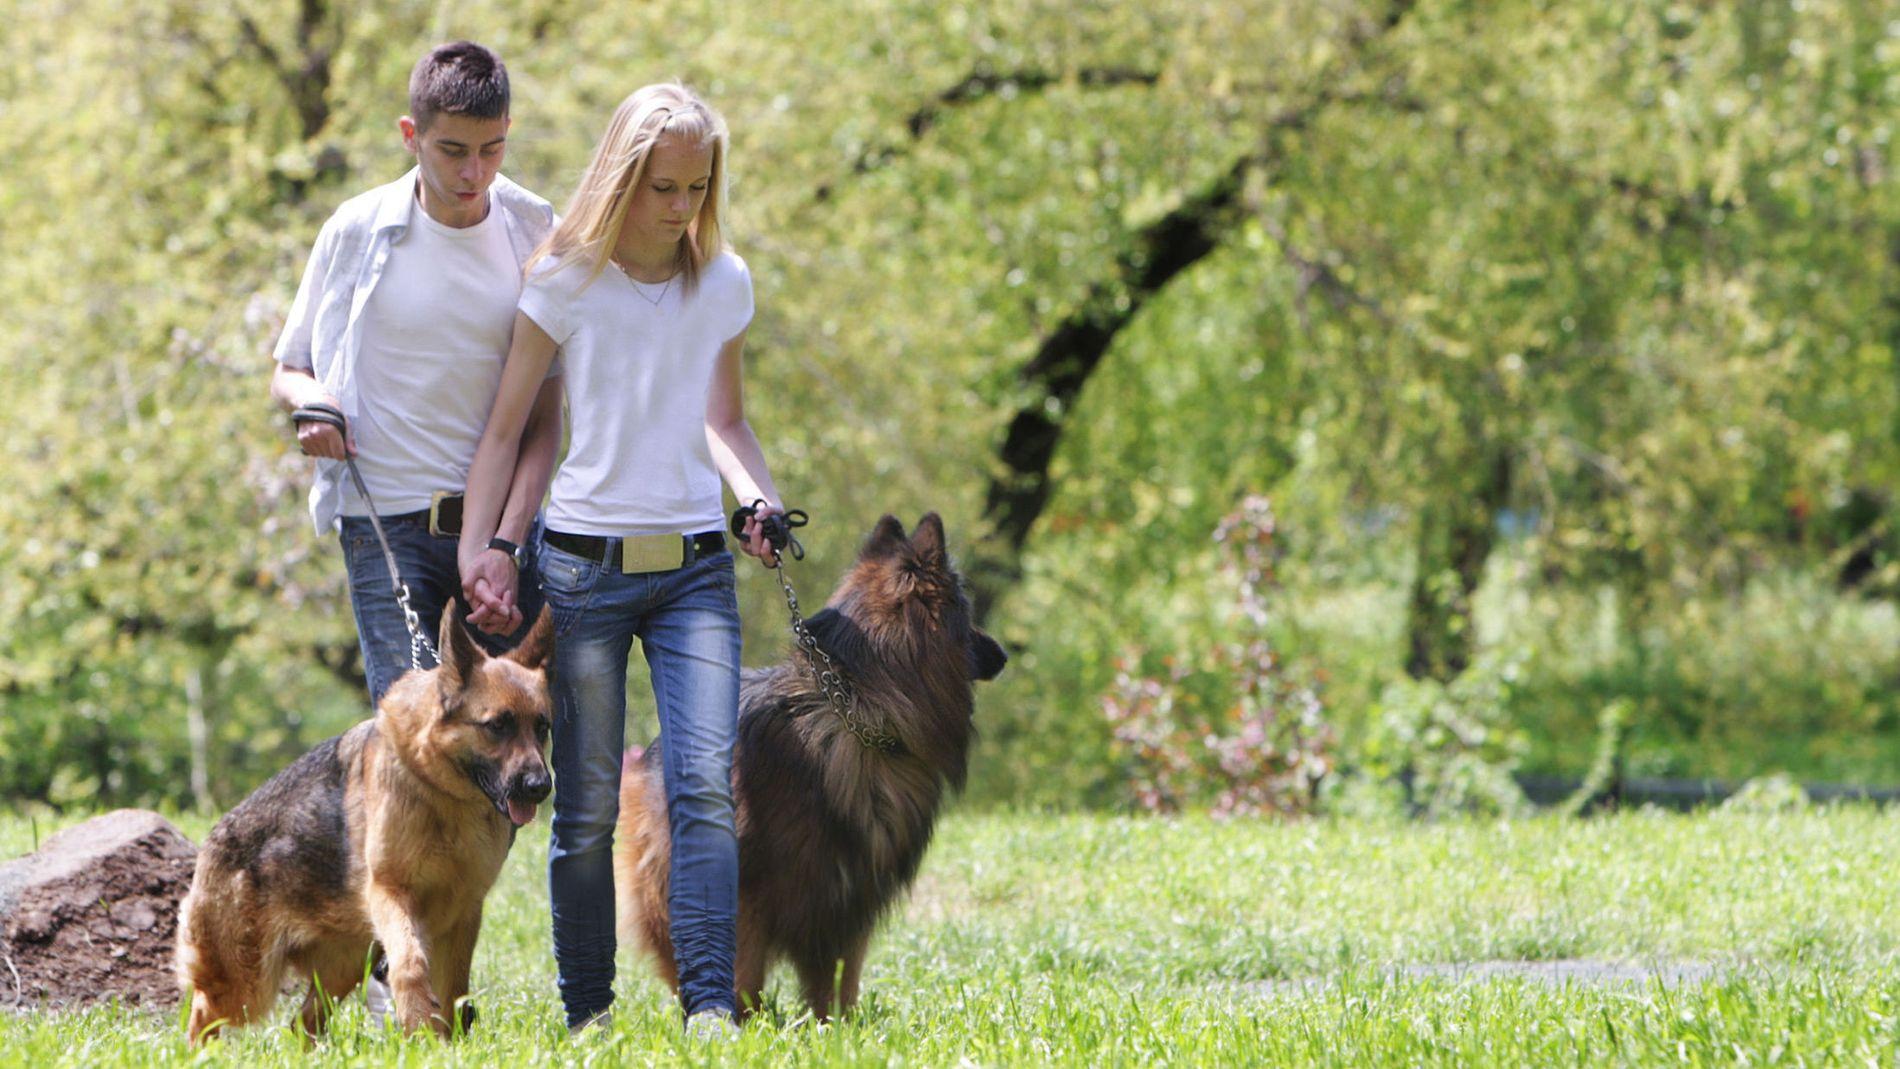 FORDELING AV KJÆLEDYR: Har dere hun eller annet kjæledyr kan det være lurt å snakke om hva som skal skje med hunden ved et eventuelt brudd, og skrive dette ned i en samboerkontrakt, oppfordrer advokat Birgitte Schjøtt Christensen.